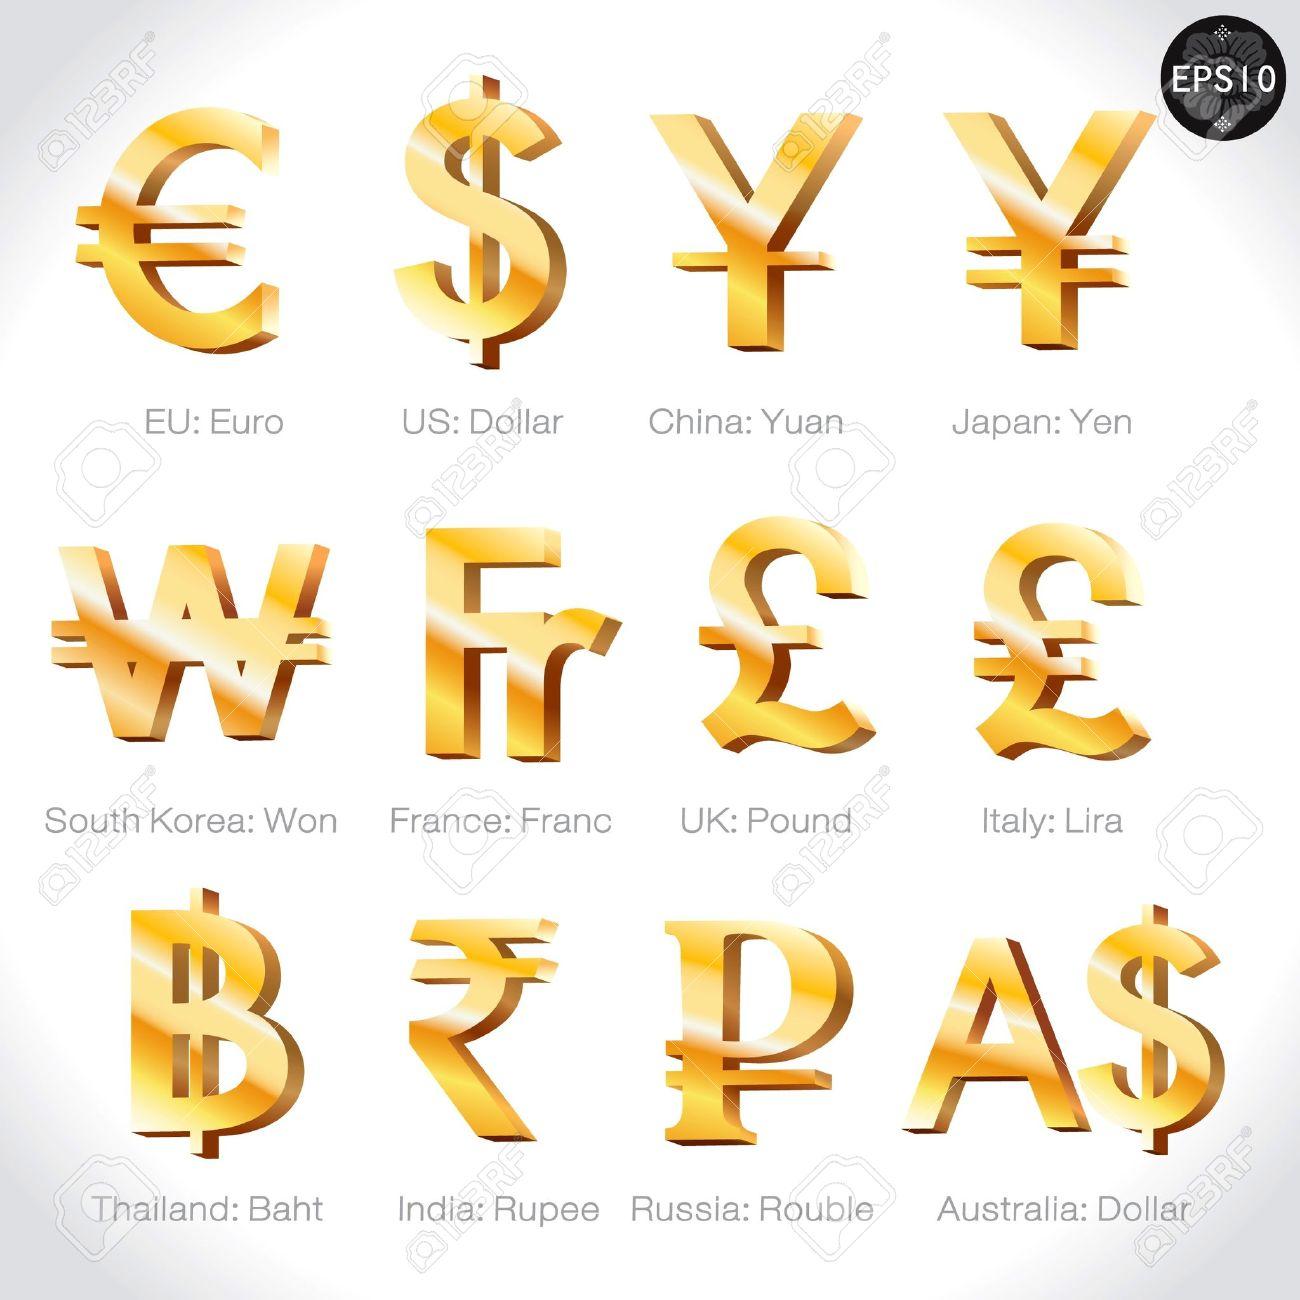 Currency signs dollar euro yen yuan wonfrancpoundlir currency signs dollar euro yen yuan wonfrancpound biocorpaavc